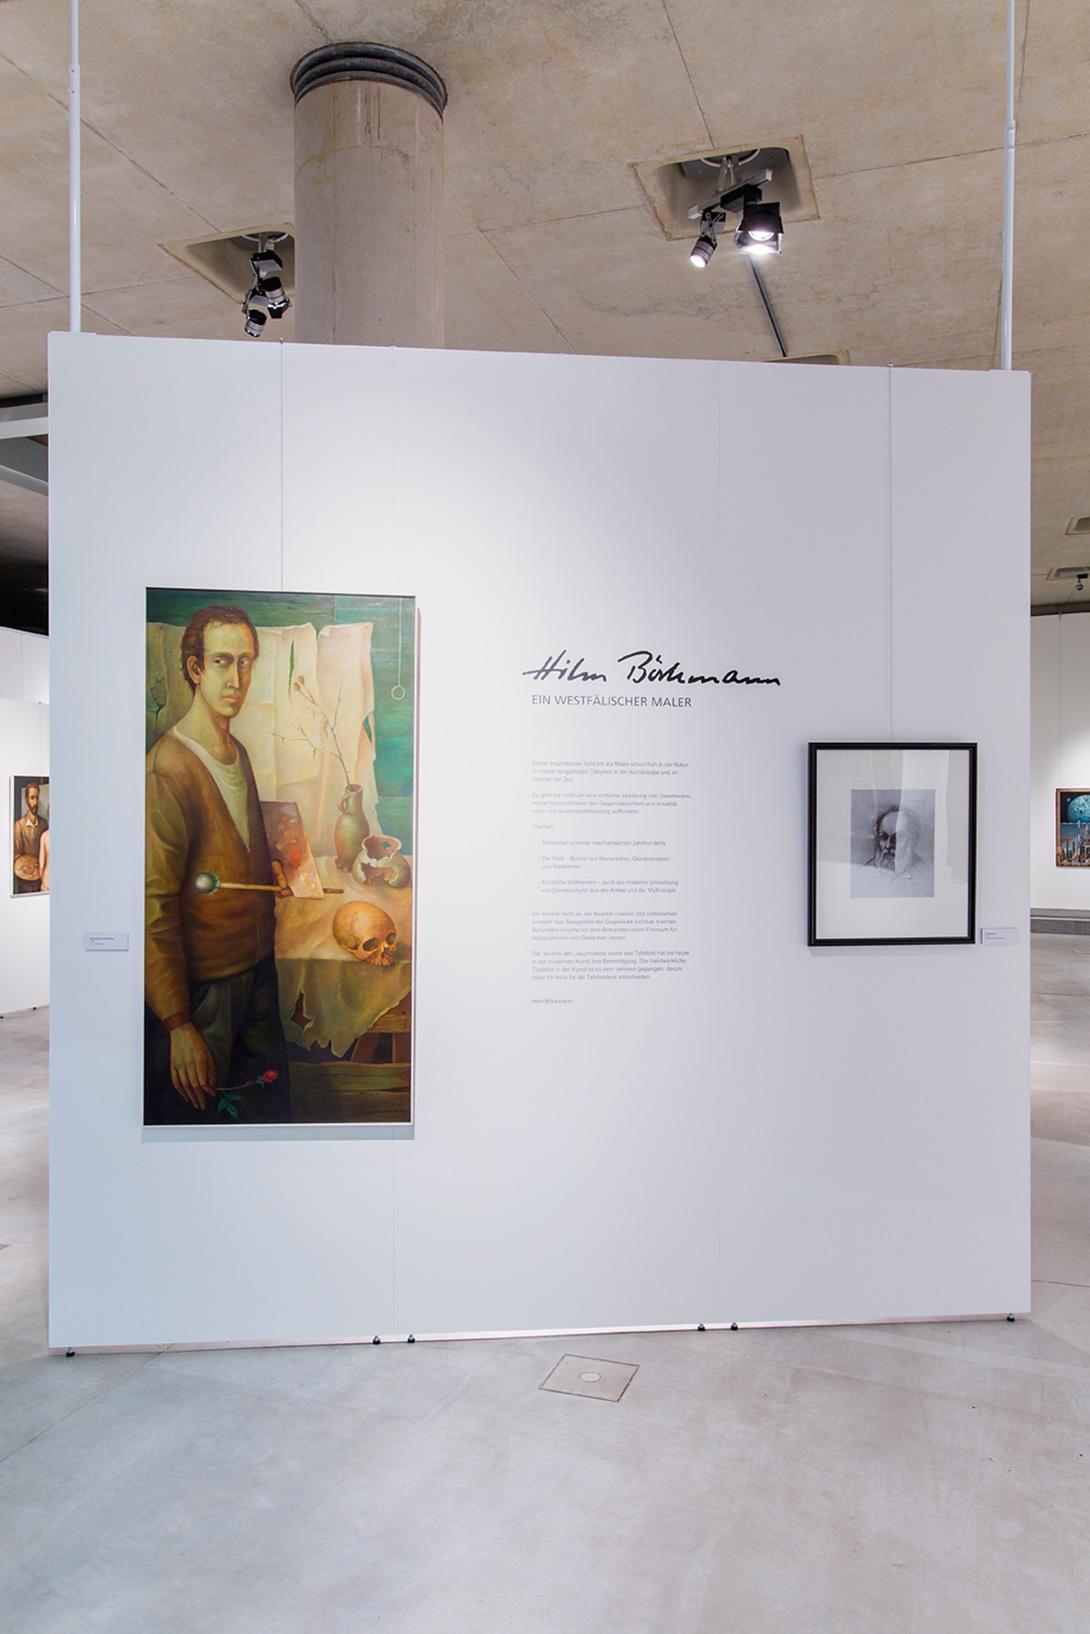 Cloisons d'exposition Mila-wall avec exposition et éclairage au Musée d'archéologie de Herne